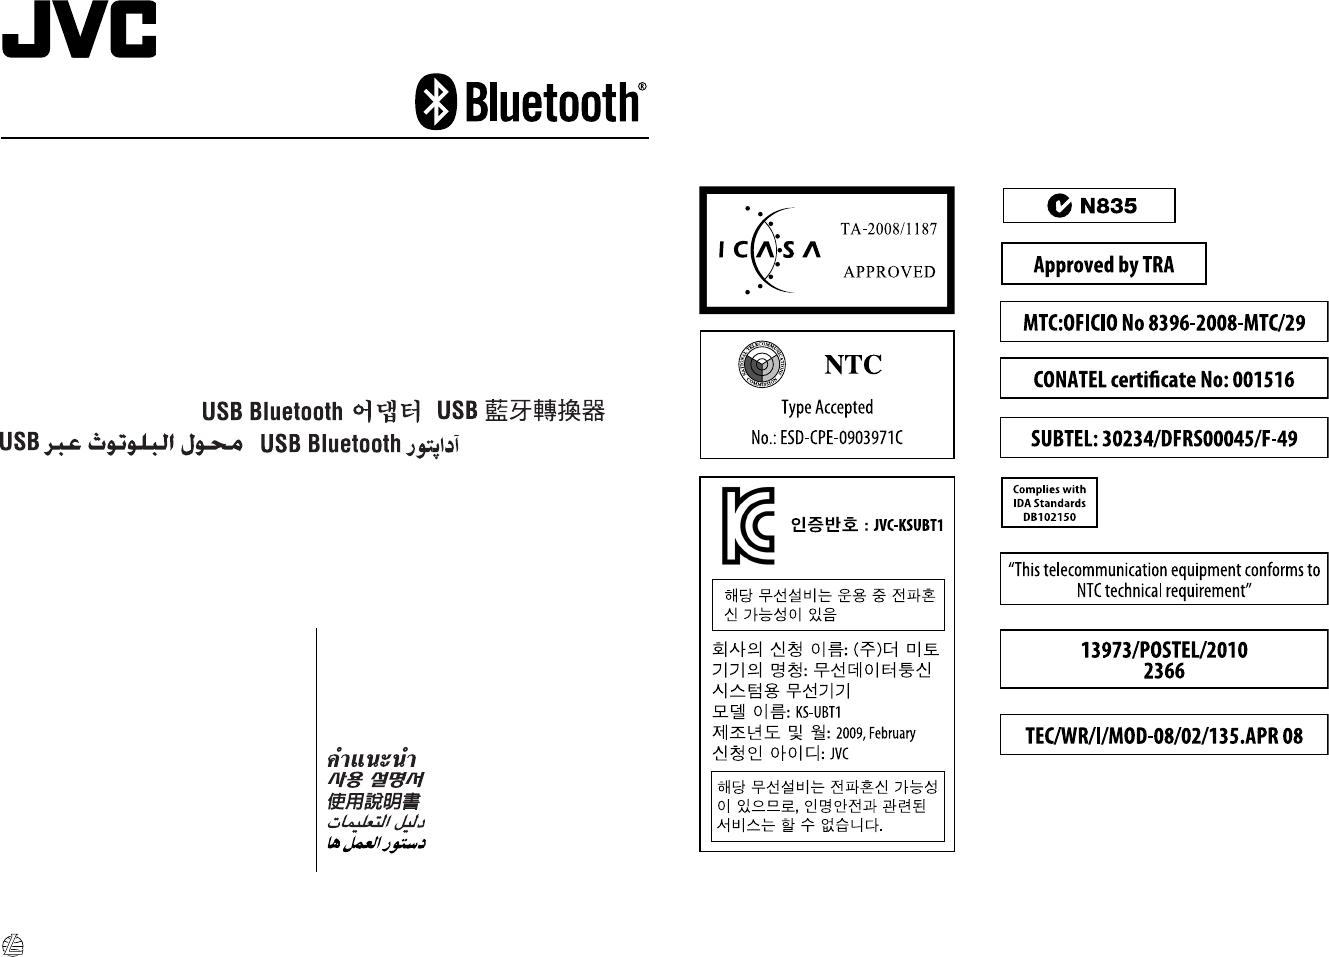 JVC KS UBT1 Instruc_KS UBT1[K]_001F_f User Manual GET0617 001F